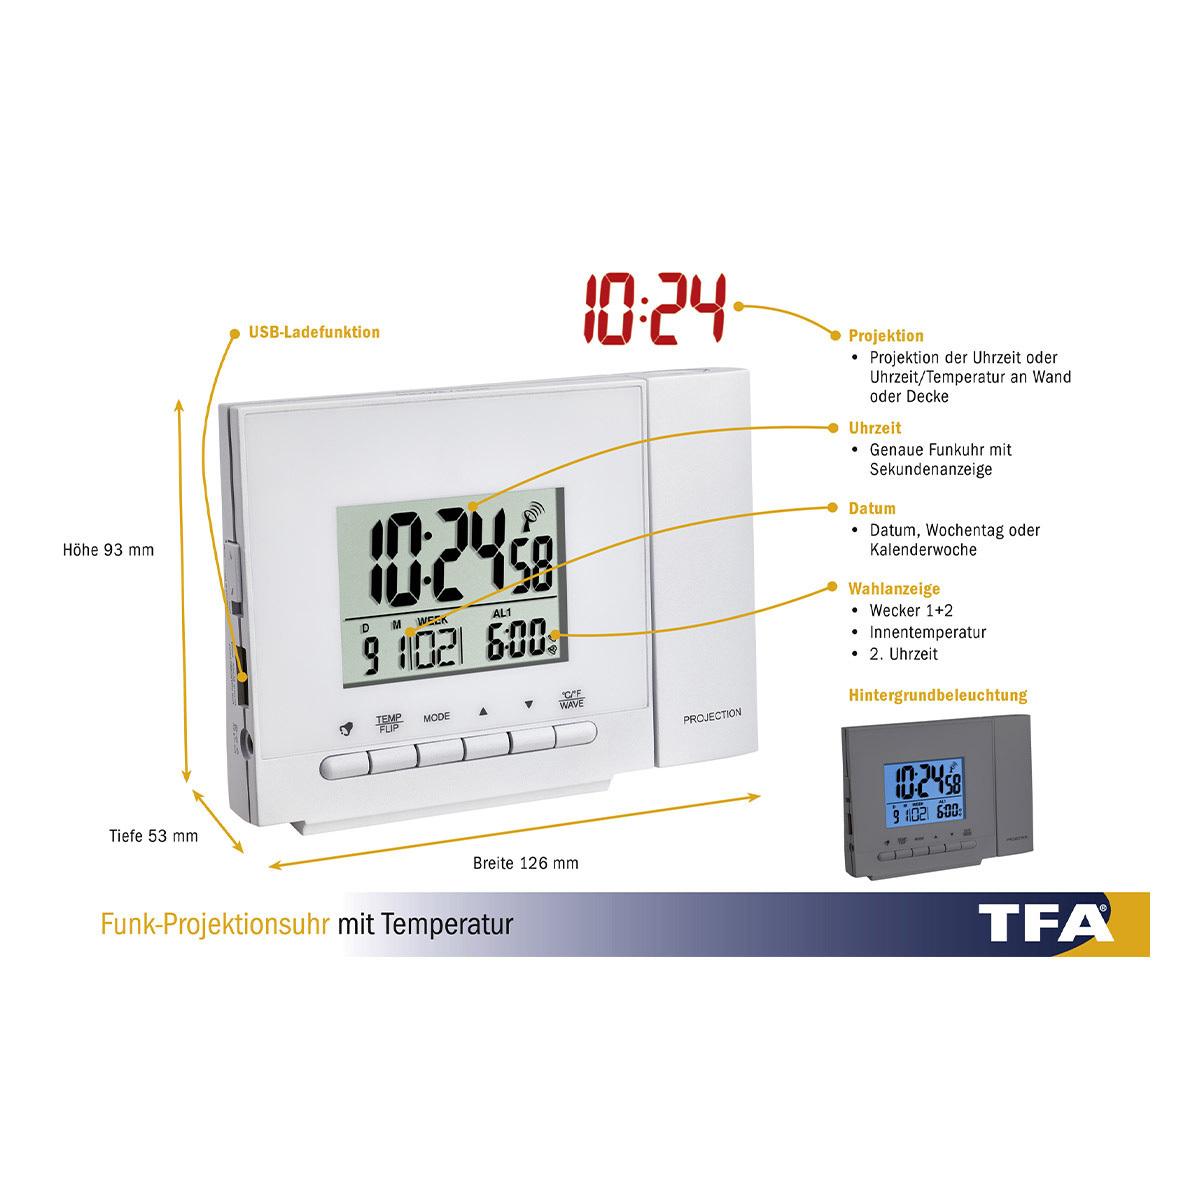 60-5013-02-funk-projektionswecker-mit-temperatur-abmessungen-1200x1200px.jpg